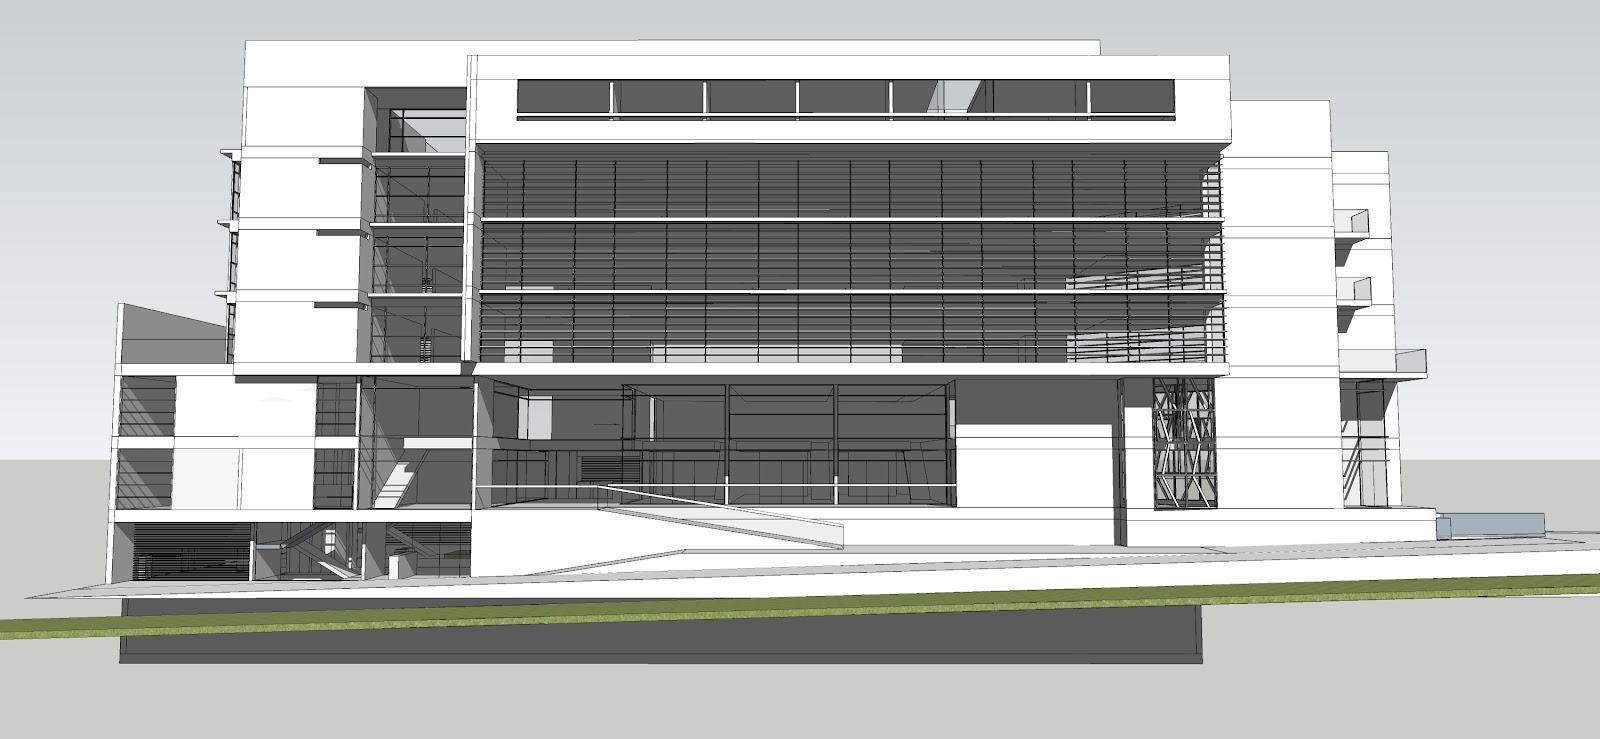 Consultoria y construcciones civiles ltda dise o for Diseno de edificios